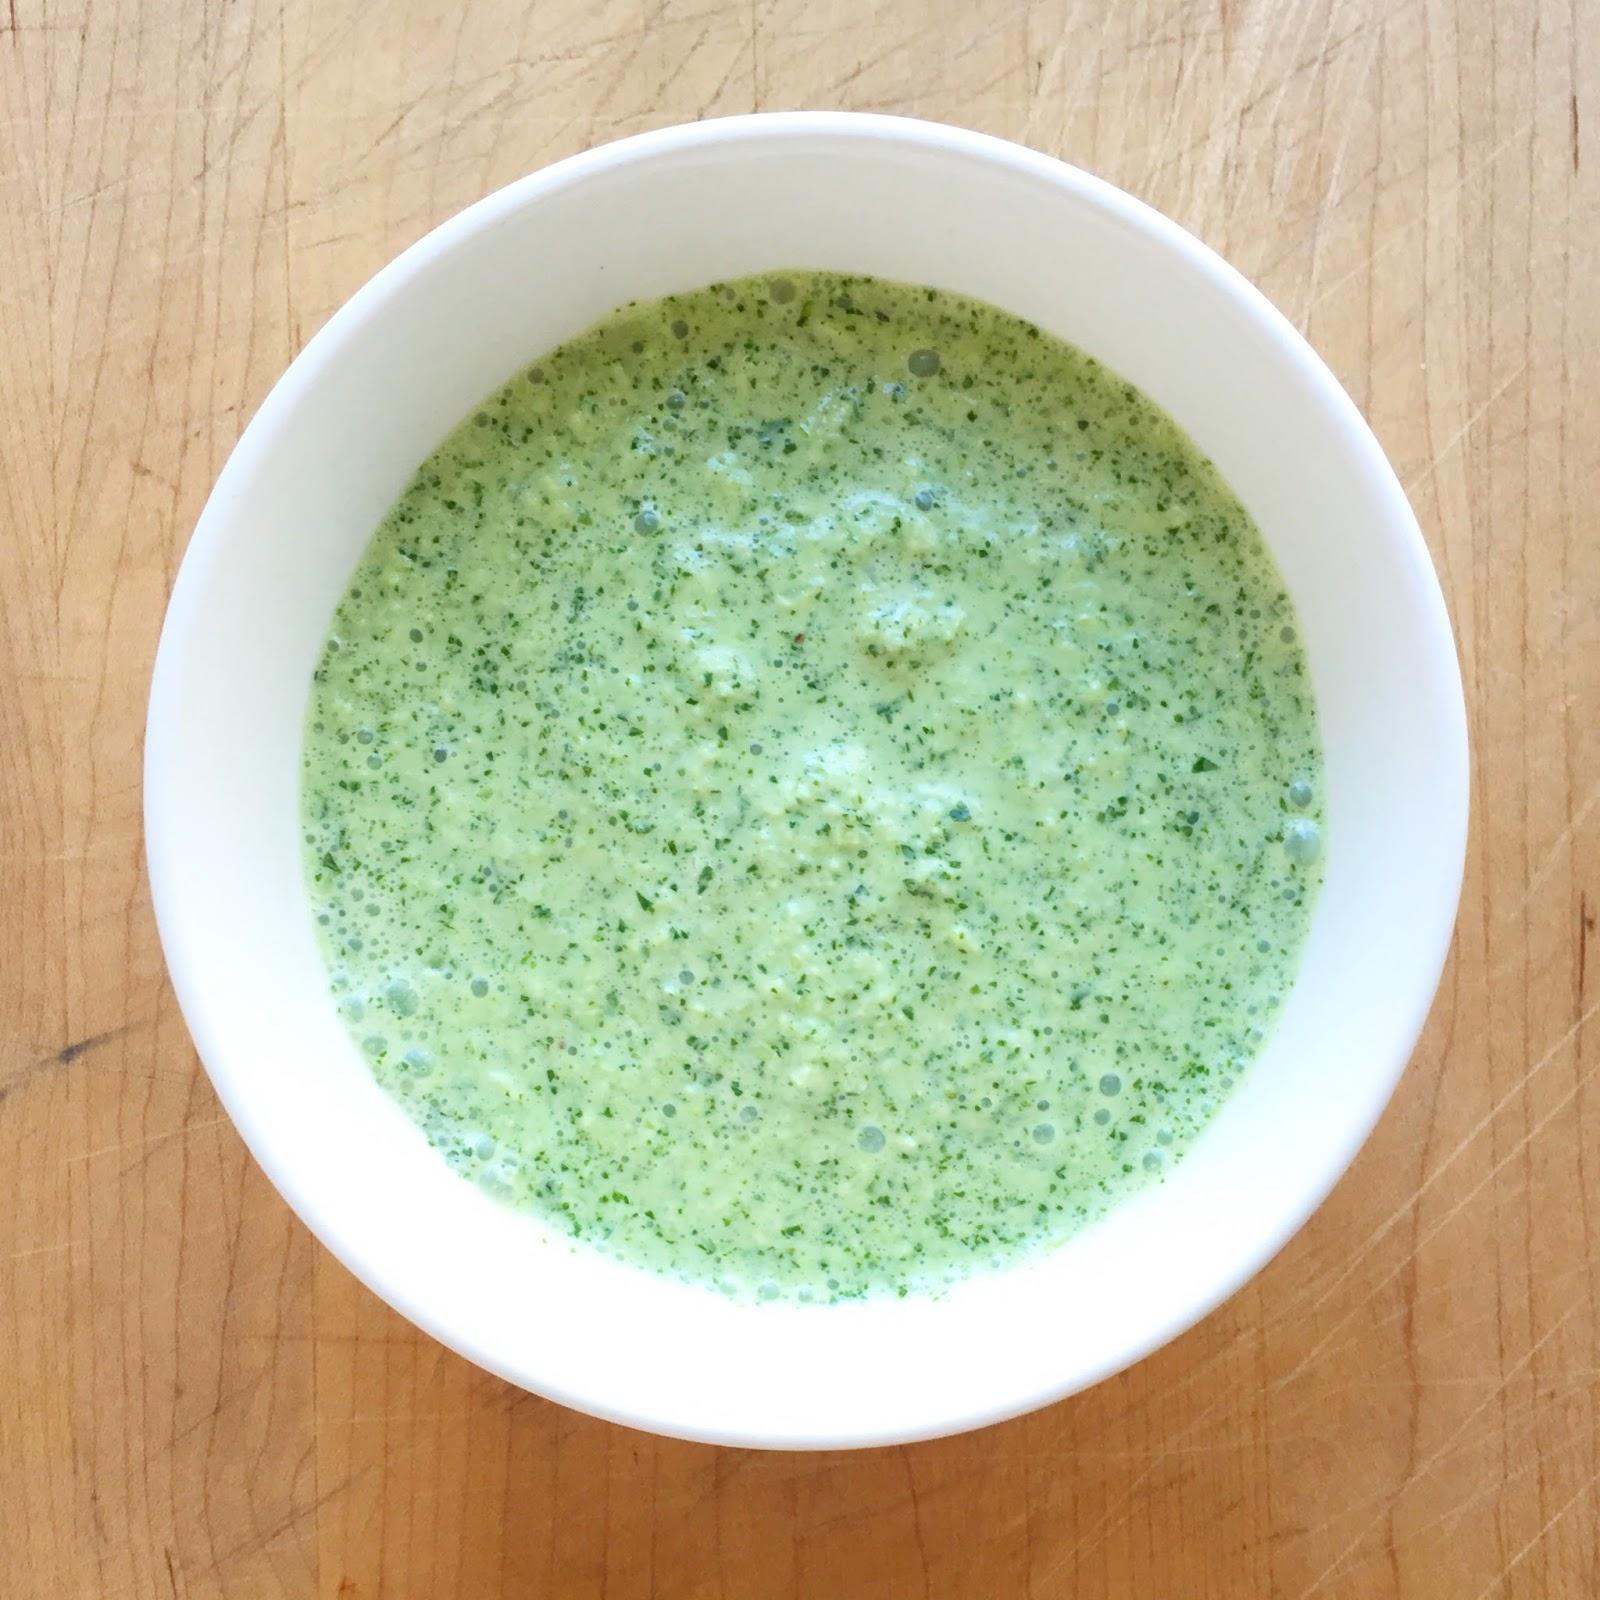 Воды, соль по вкусу смешайте все ингредиенты в миксере.